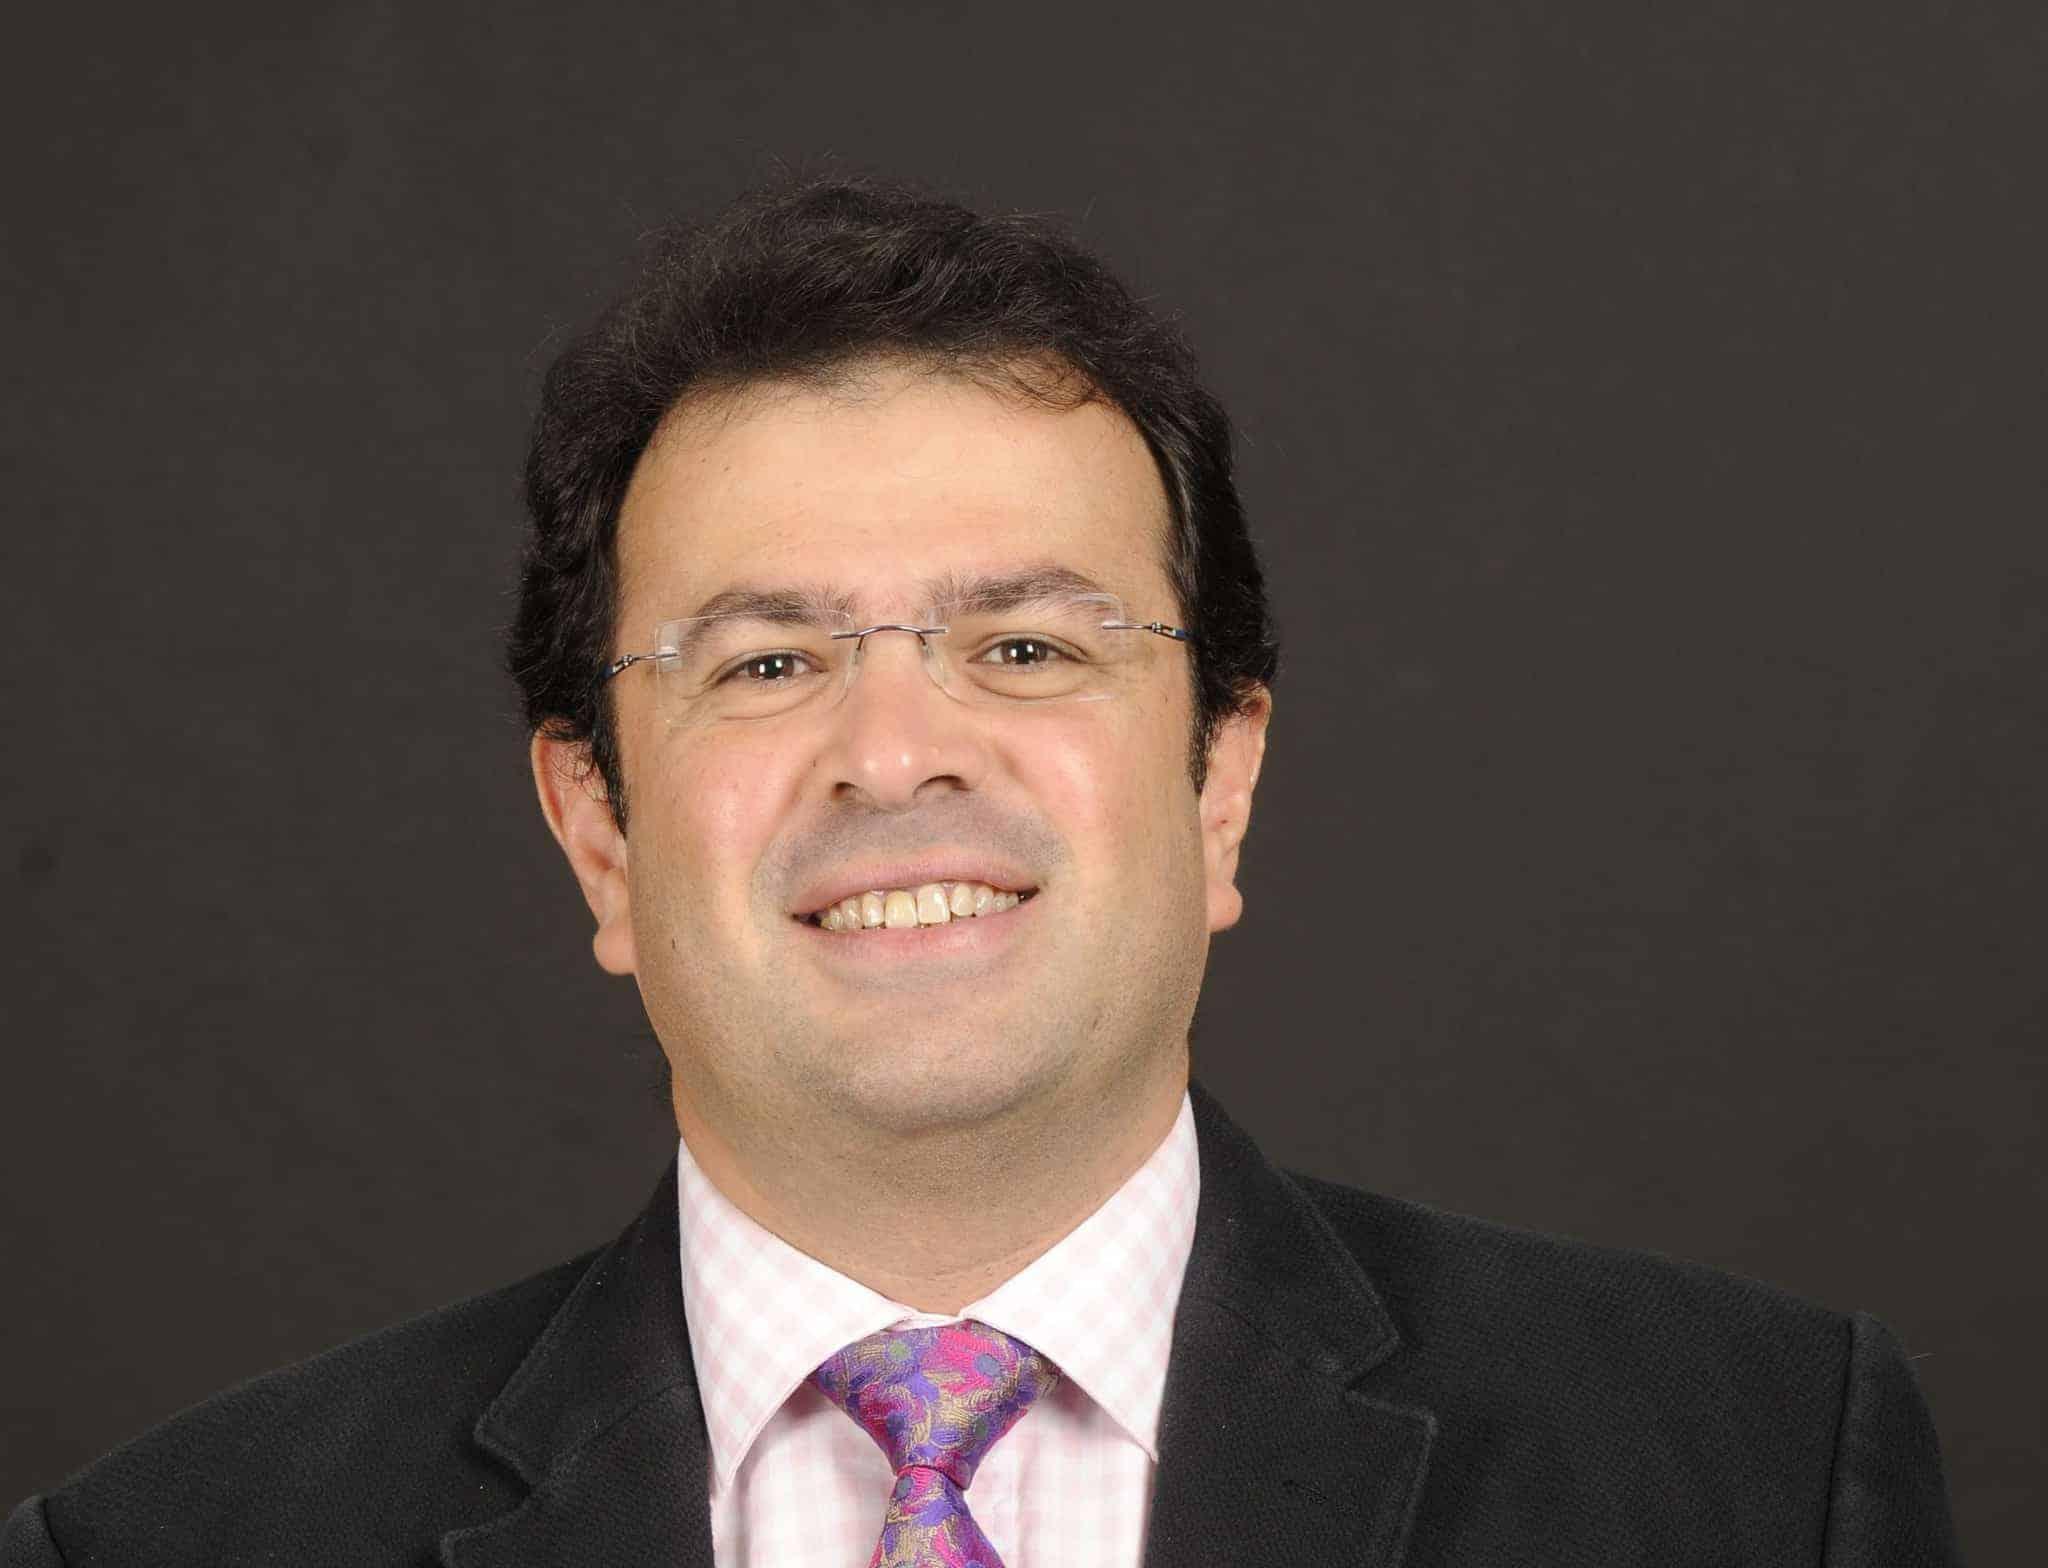 Ahmed A. Sallam, M.D., Ph.D.